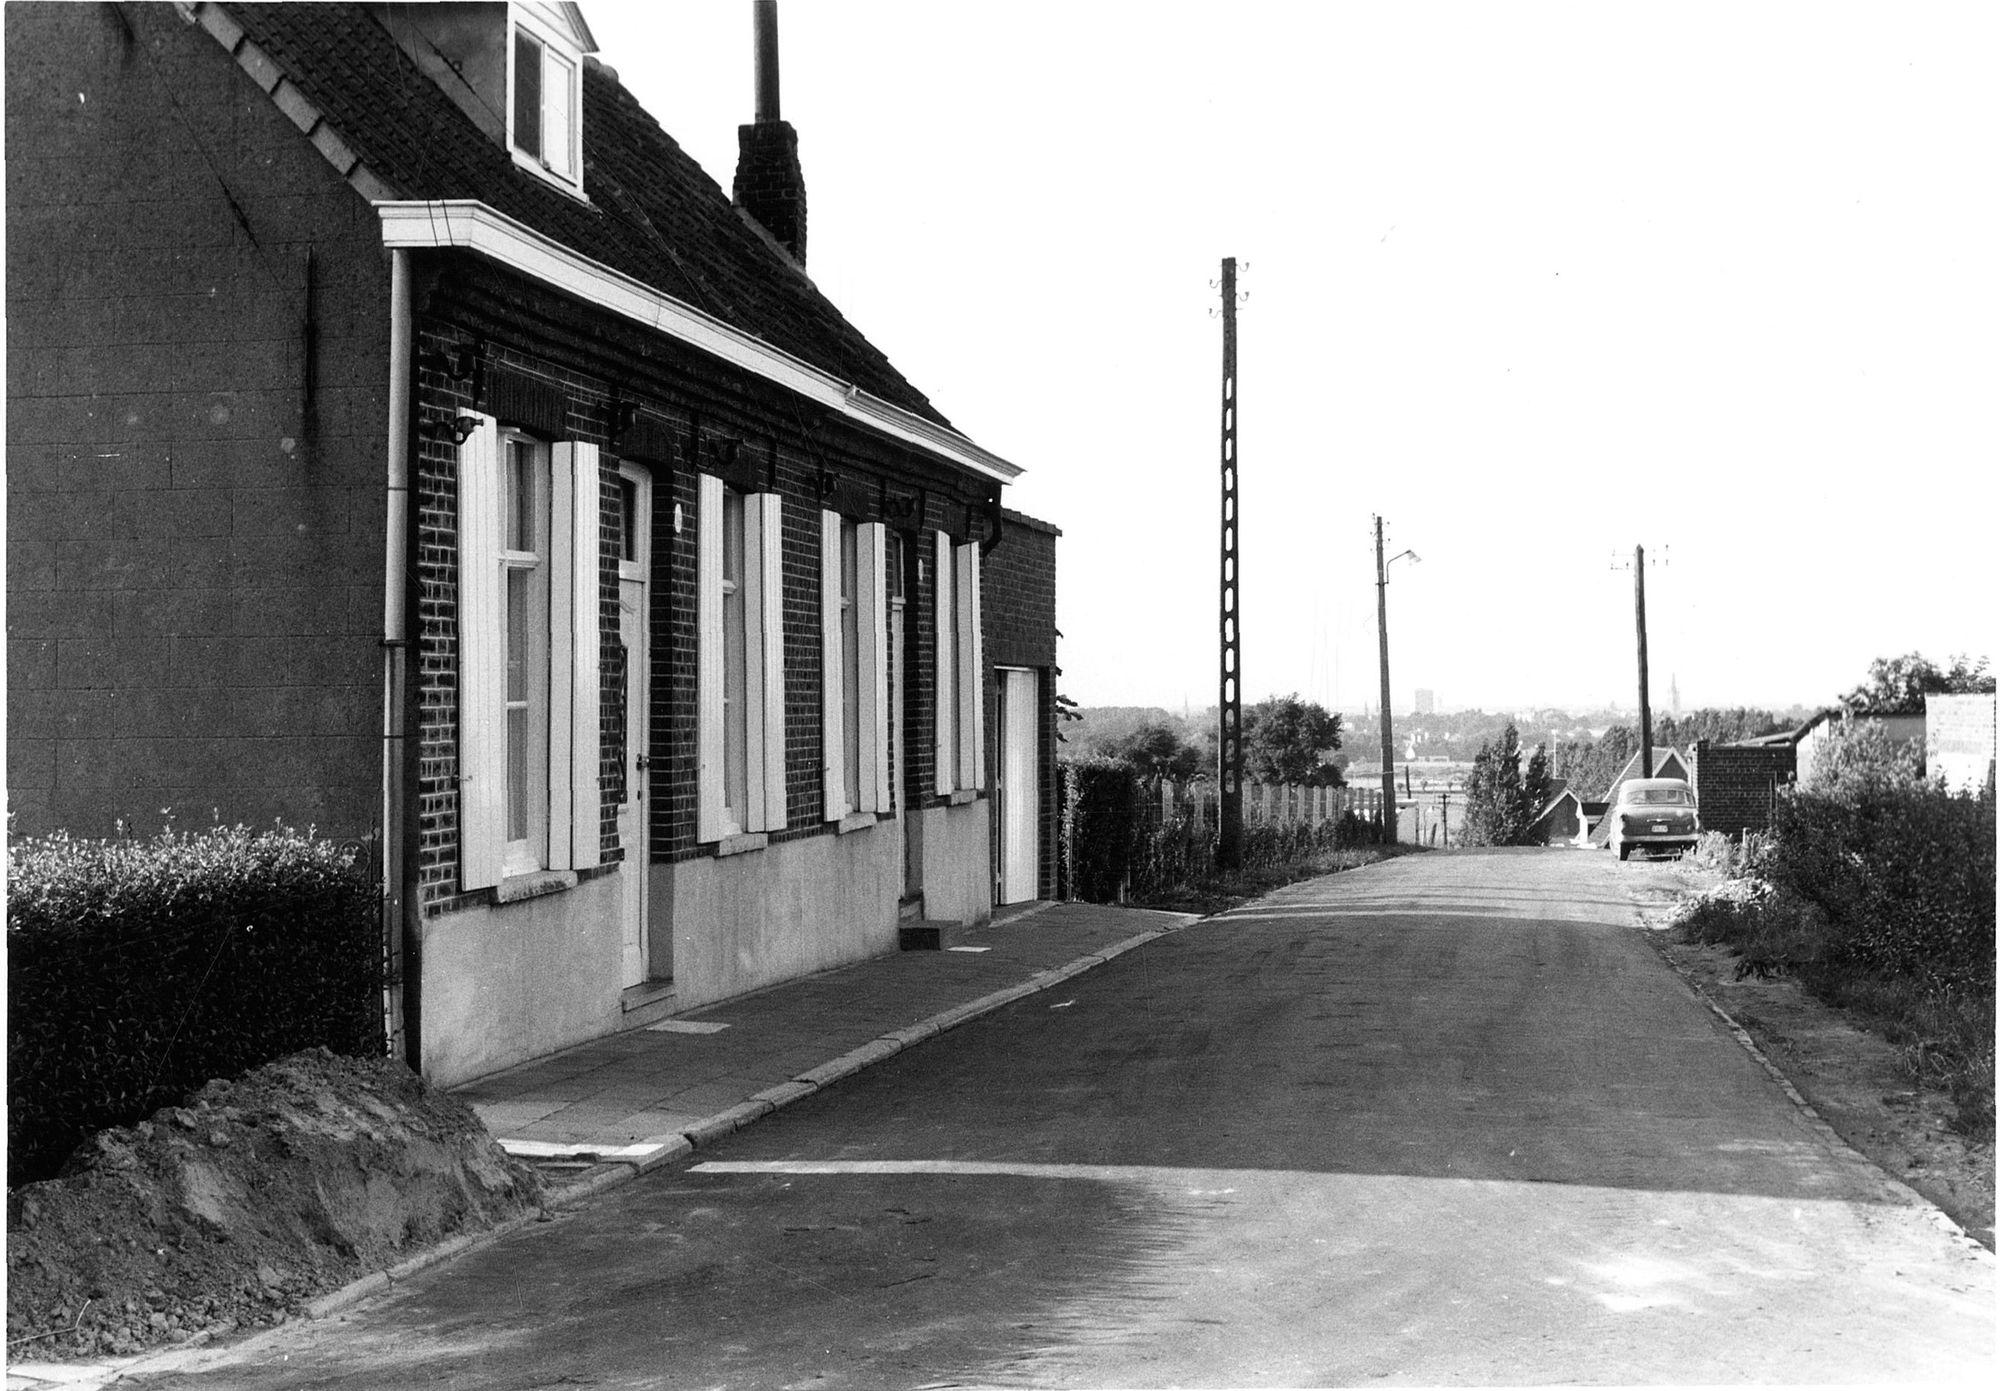 Cannaertstraat 1970